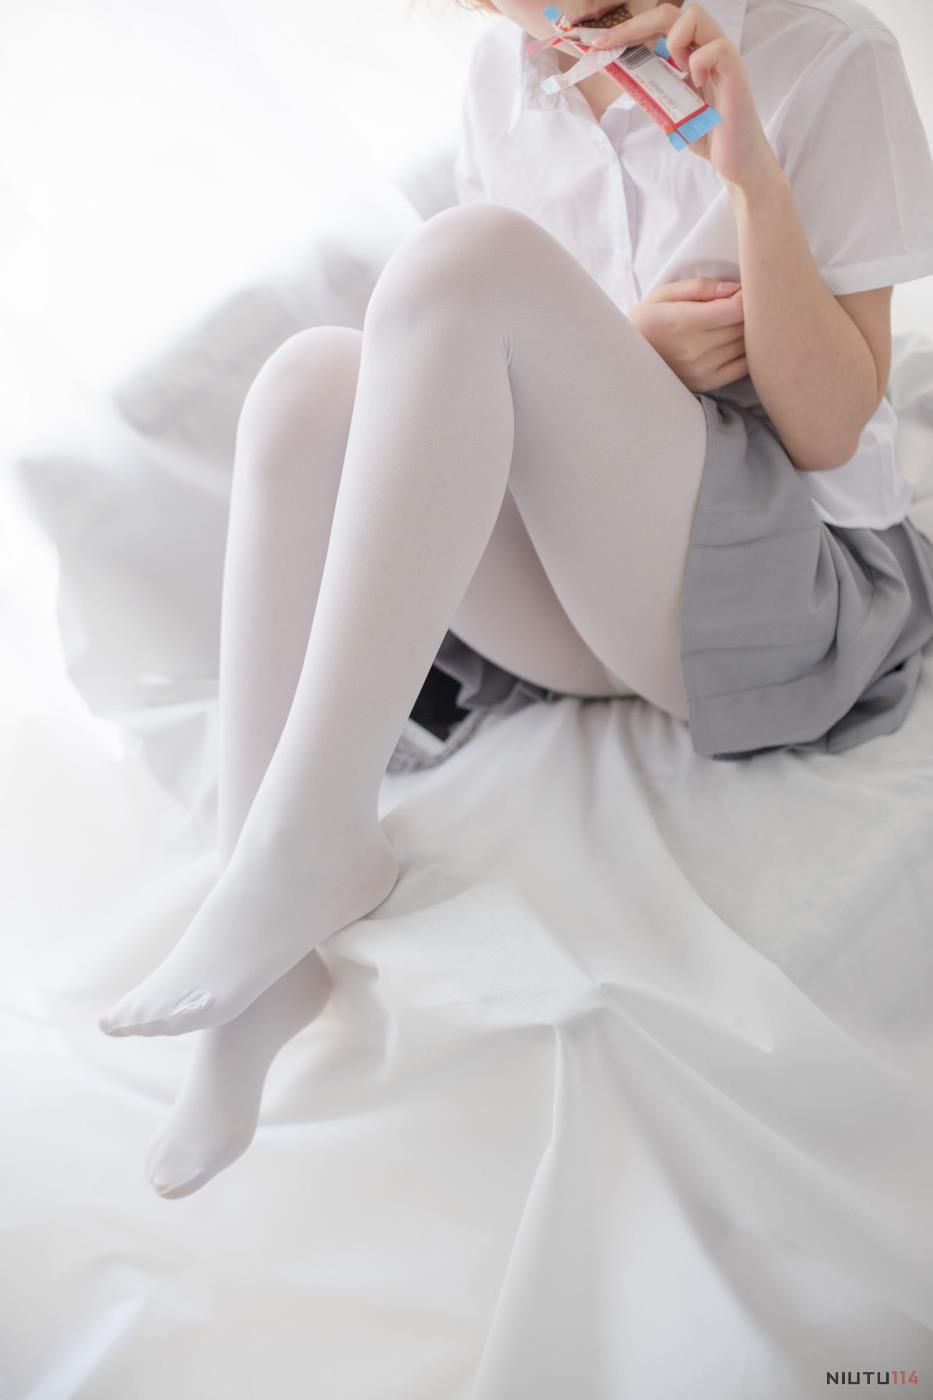 森萝财团白丝学生妹JK制服超短裙性感少女裸足写真图片